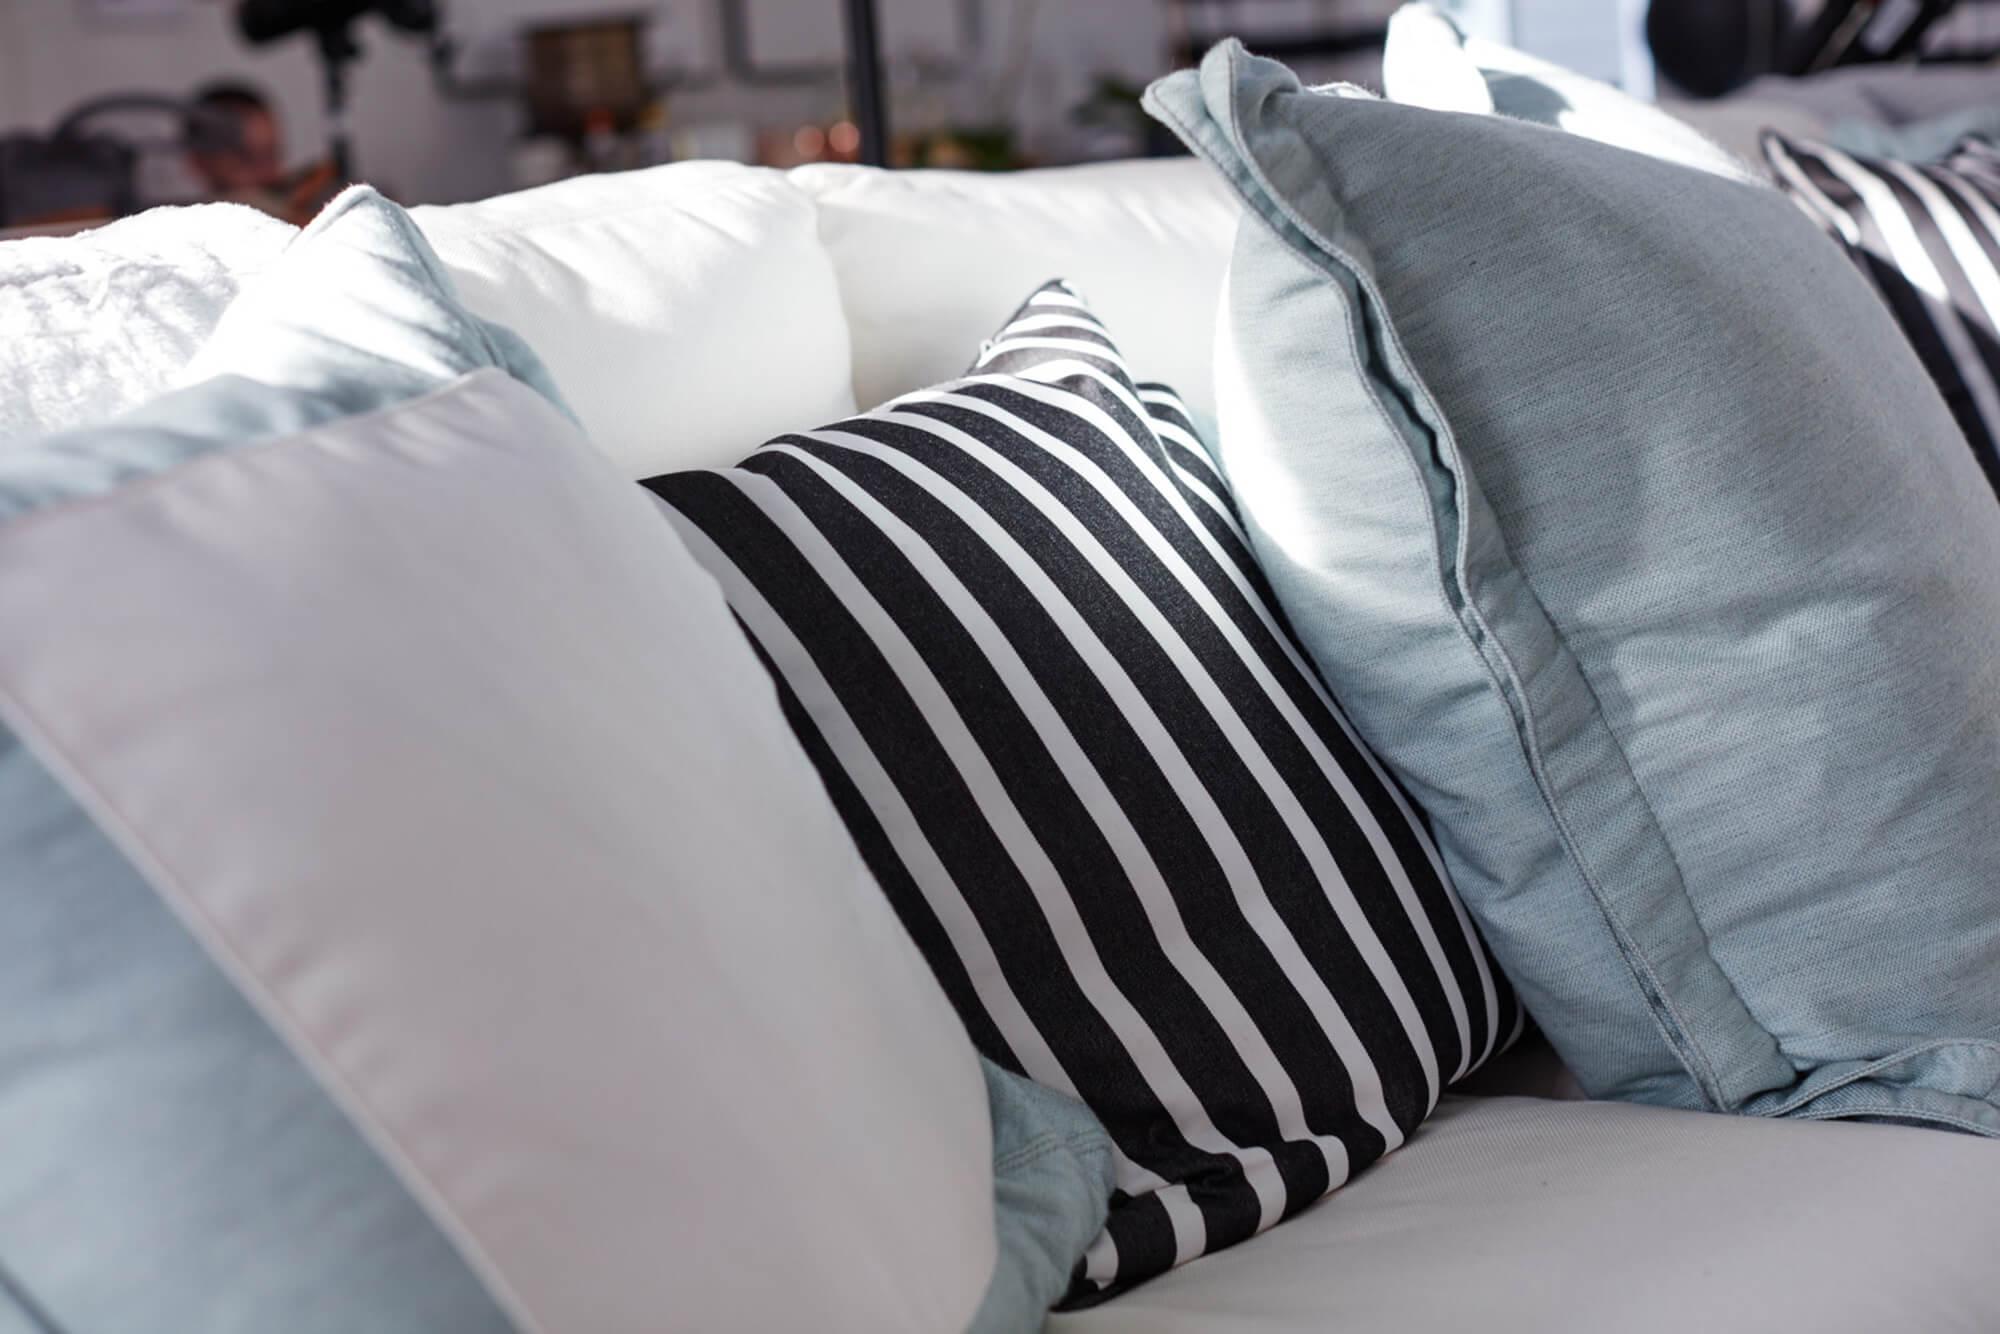 由青色枕头和黑白两色条纹抱枕点缀的白色沙发